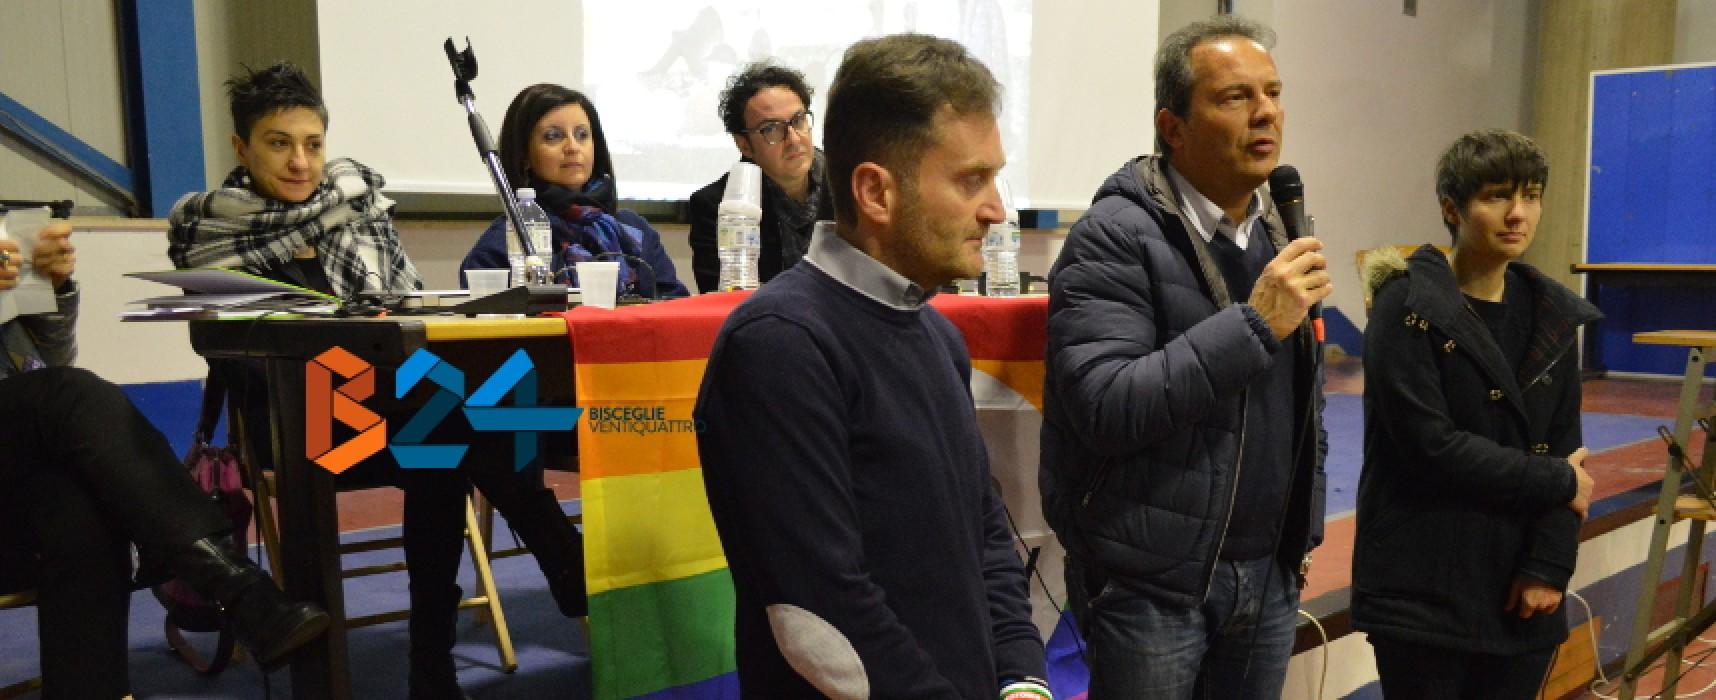 """Alunni, docenti e genitori a lezione di diversità: """"Solo l'amore fa di una famiglia una buona famiglia"""" / FOTO"""